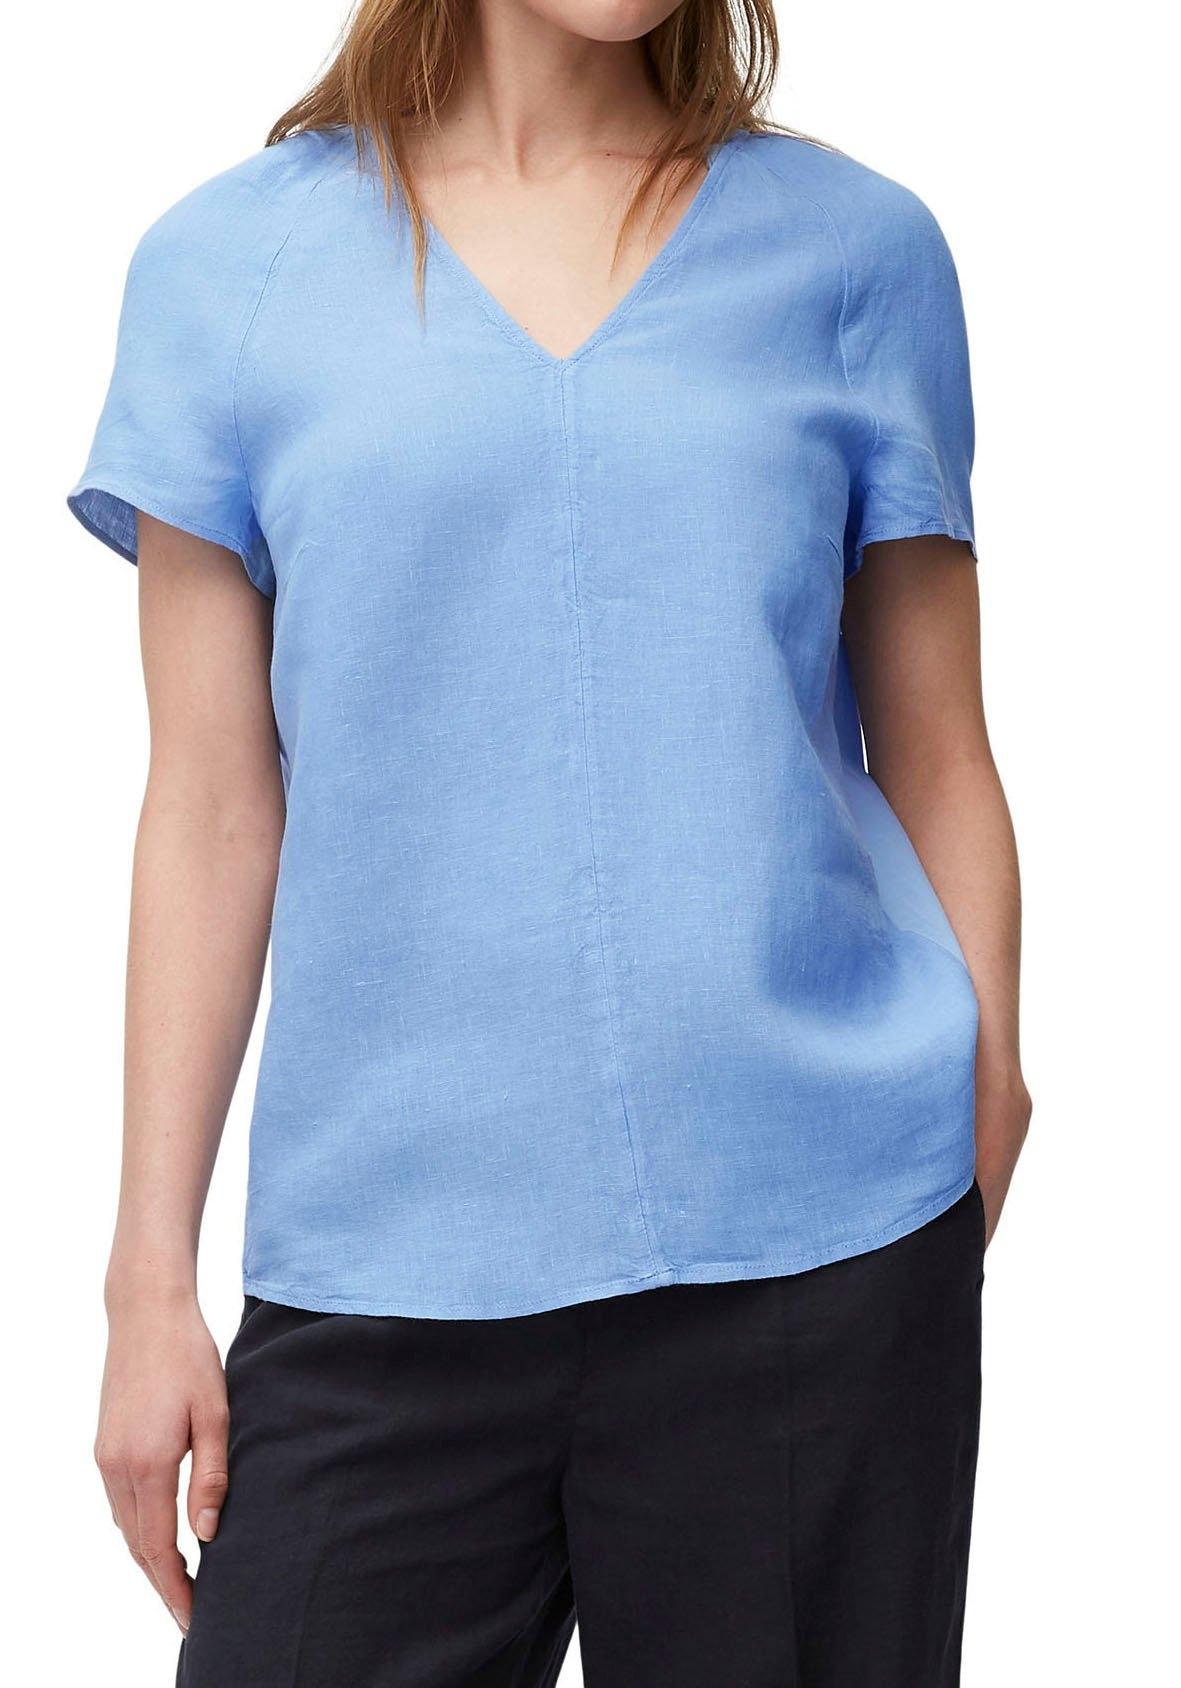 Marc O'Polo blouse met korte mouwen met lengtedeelnaad voor nu online bestellen